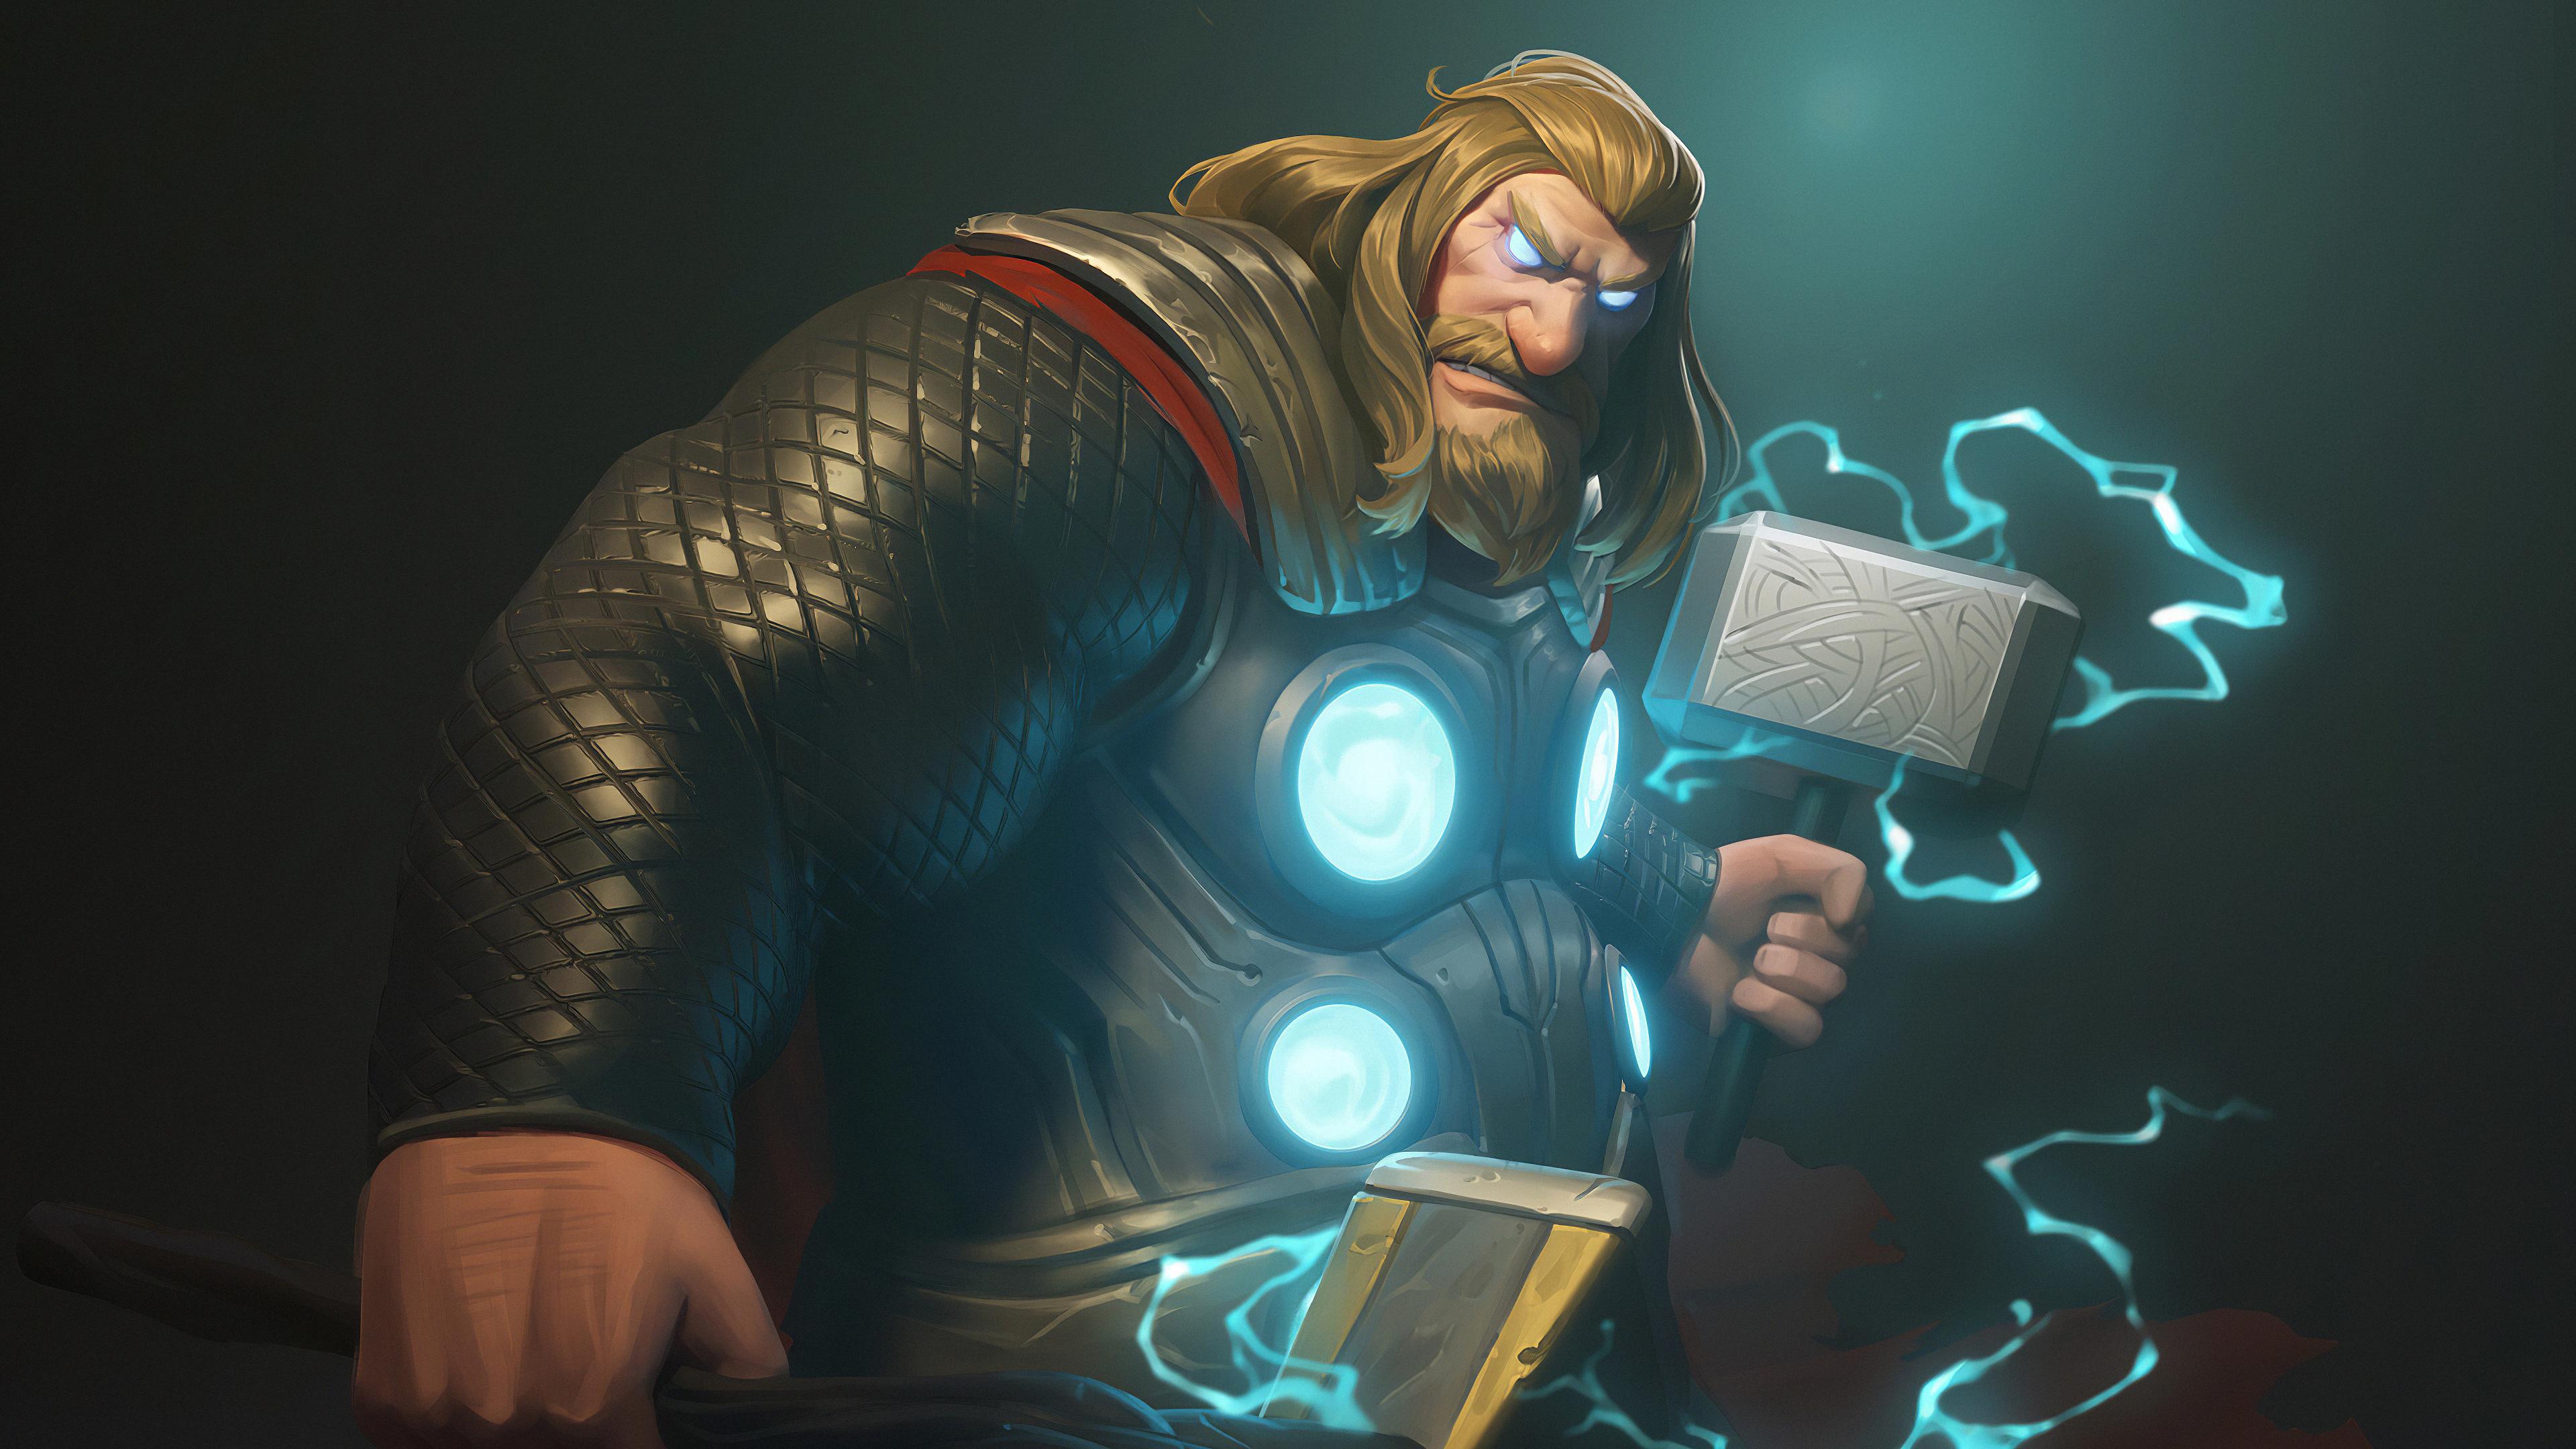 Wallpaper 4k Thor Comic Art 4k Thor Wallpaper Thor Art Wallpaper Hd 4k Thor Comic Art Wallpaper Hd 4k Thor Phone Wallpaper Hd 4k Thor Wallpaper Hd 4k